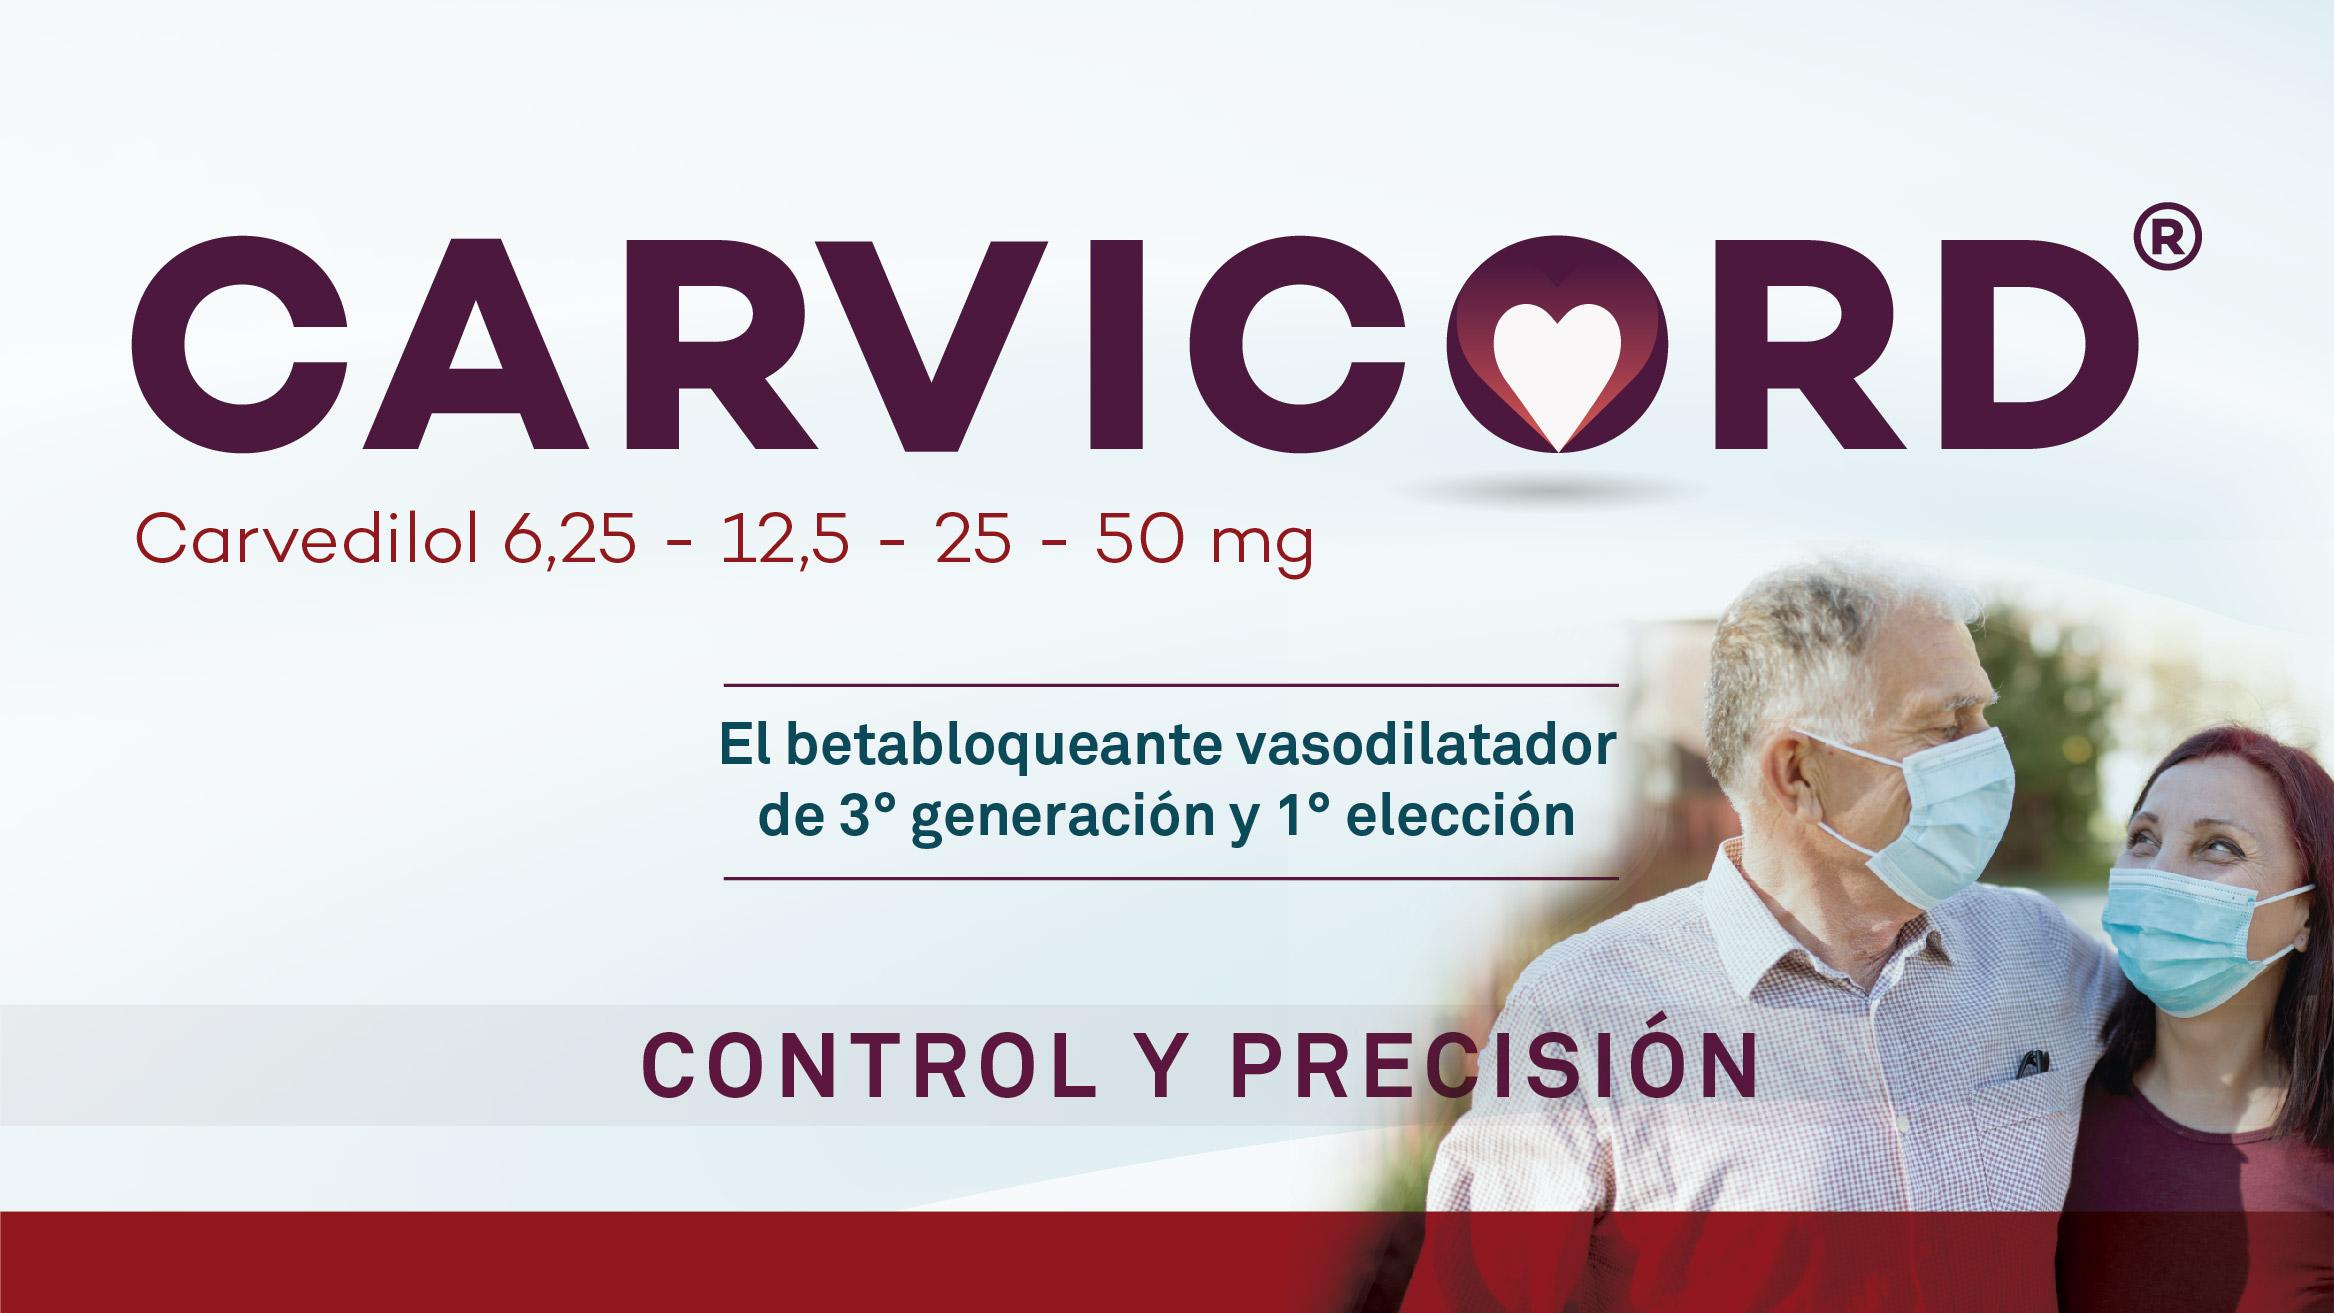 noticia carvicord-01